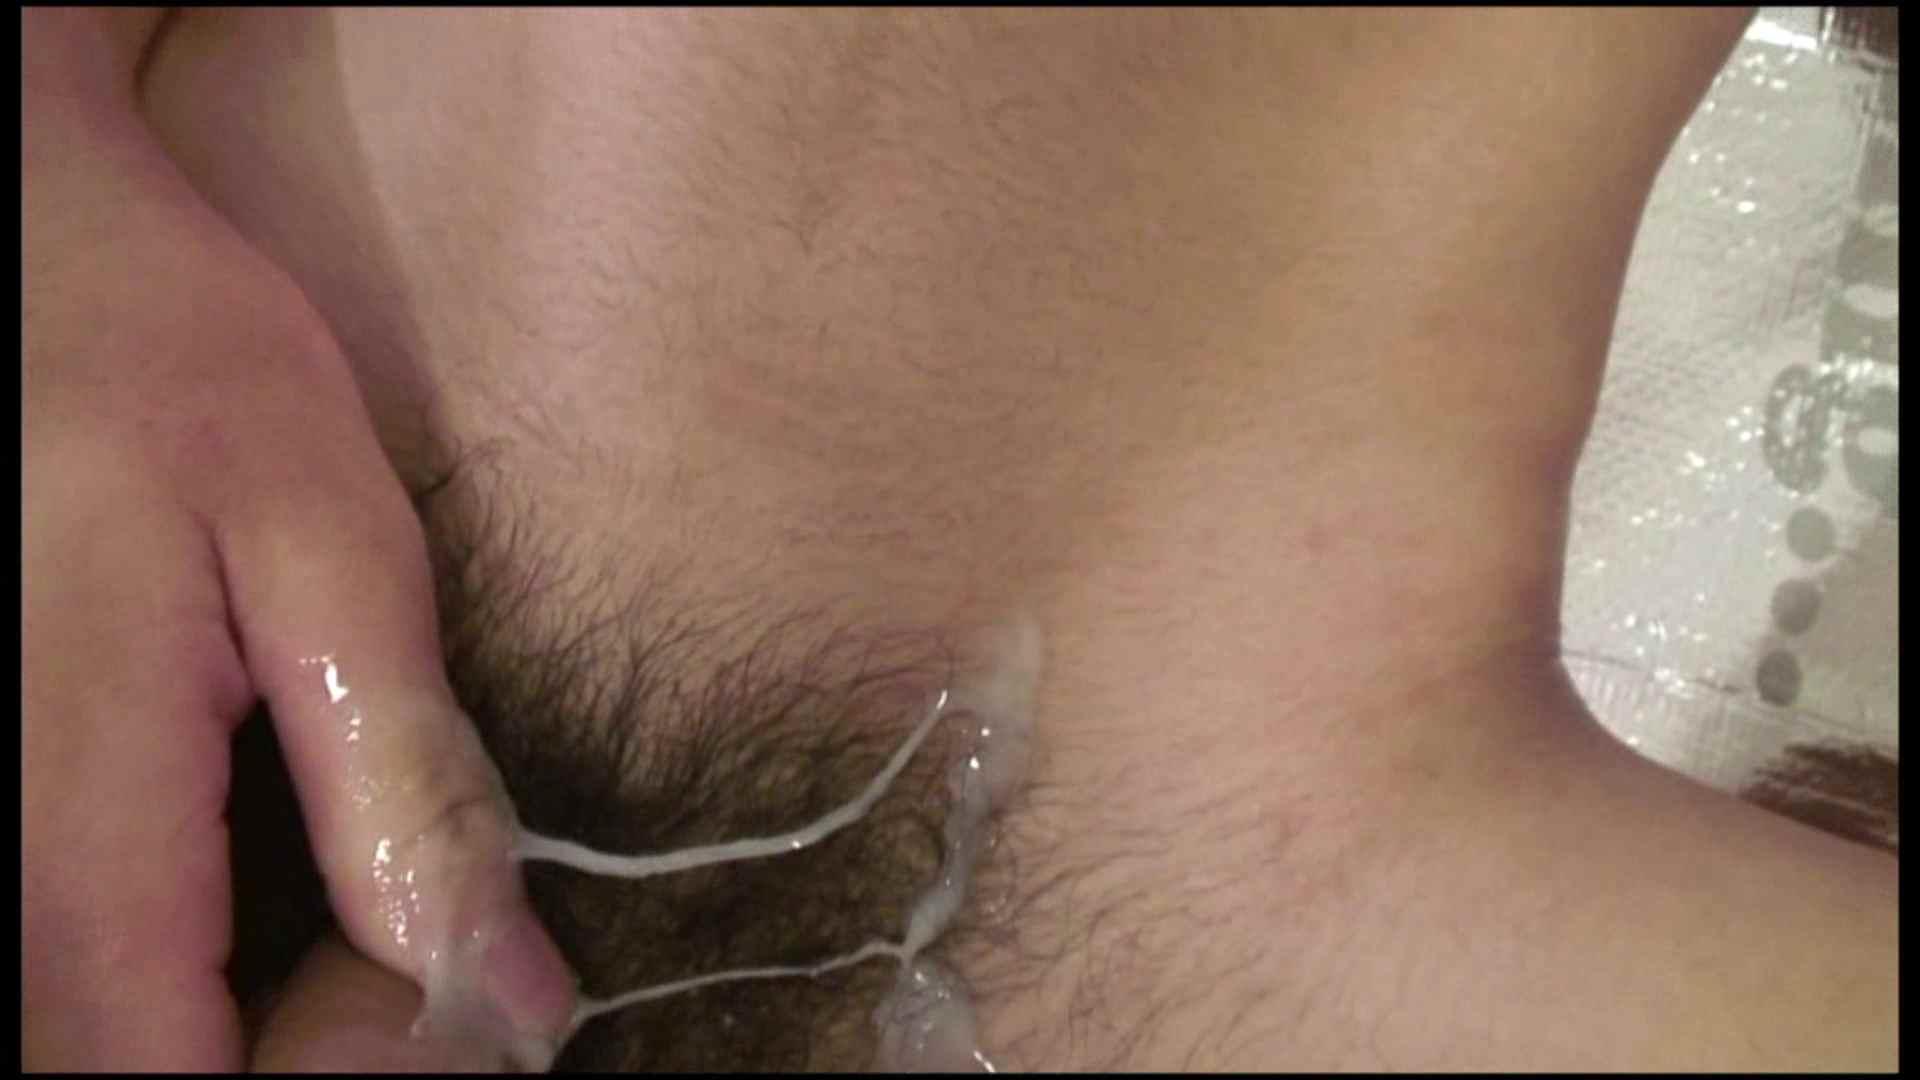 テカテカ筋肉、テカキン!この肉体美に触れてみたい・・・。 フェラ男子 ゲイアダルト画像 41連発 3